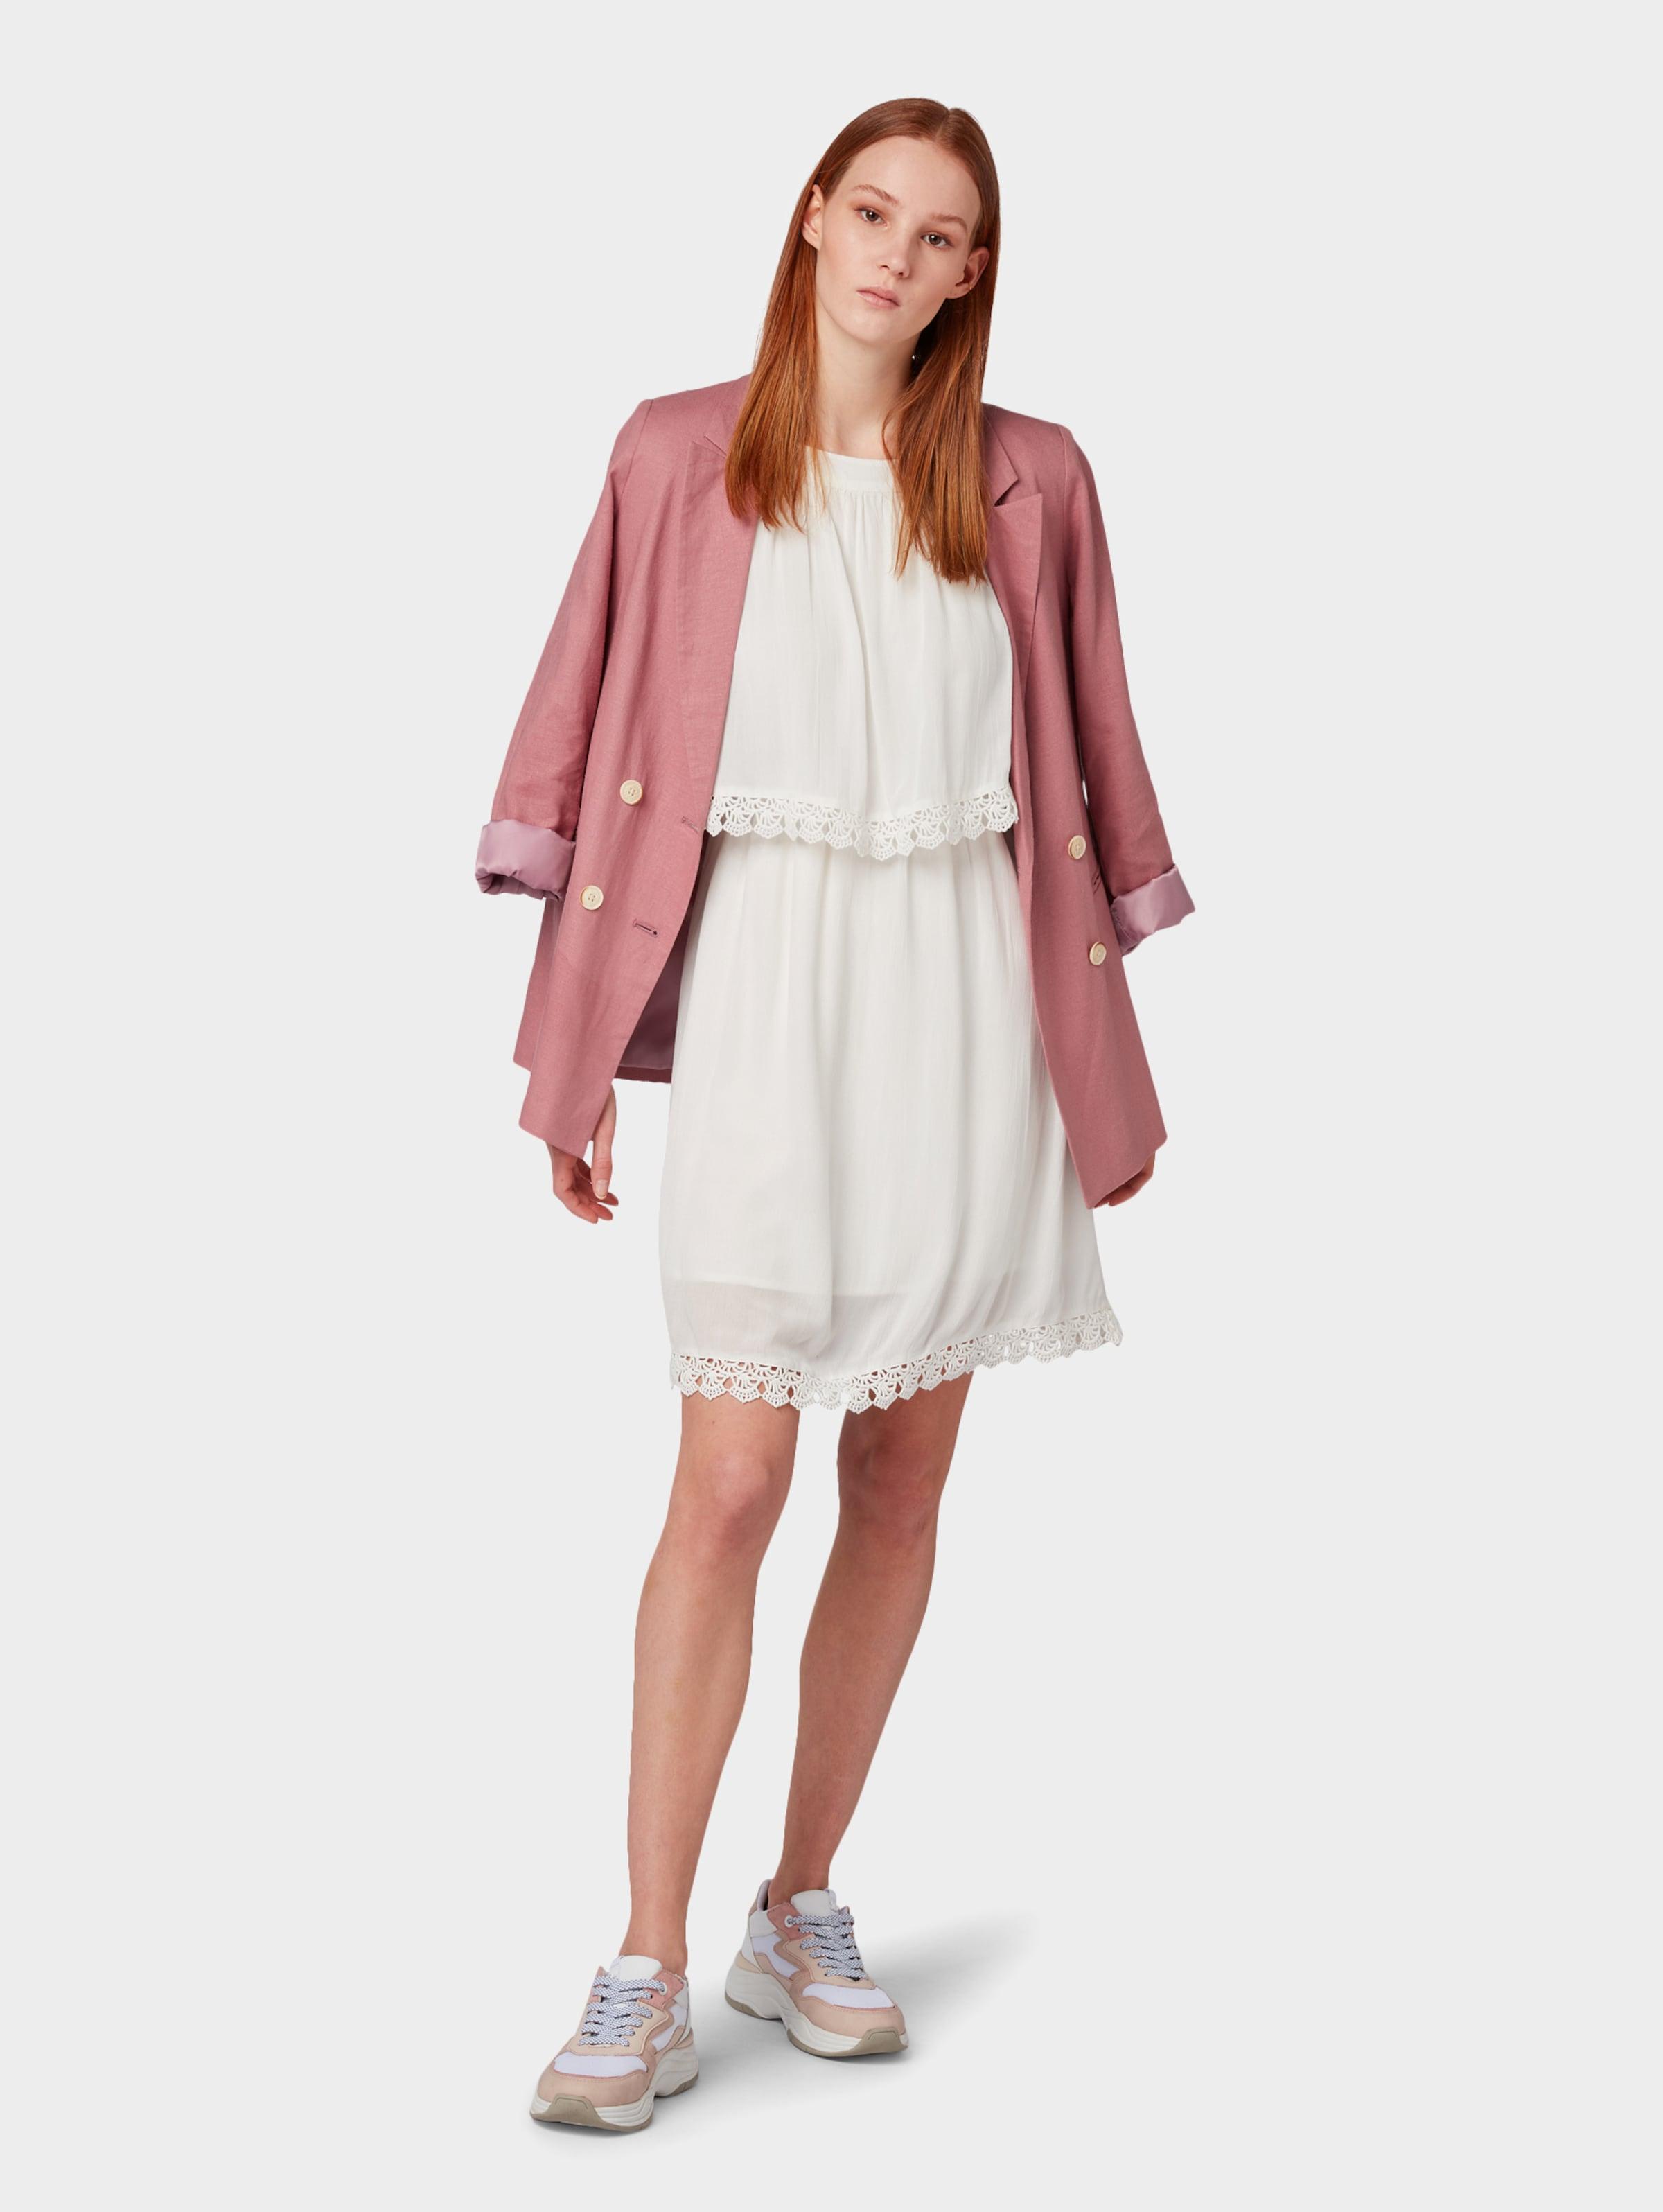 Crochet D'été Tailor Lace' Tom Robe Dress Denim 'mini En Blanc WD2EH9I